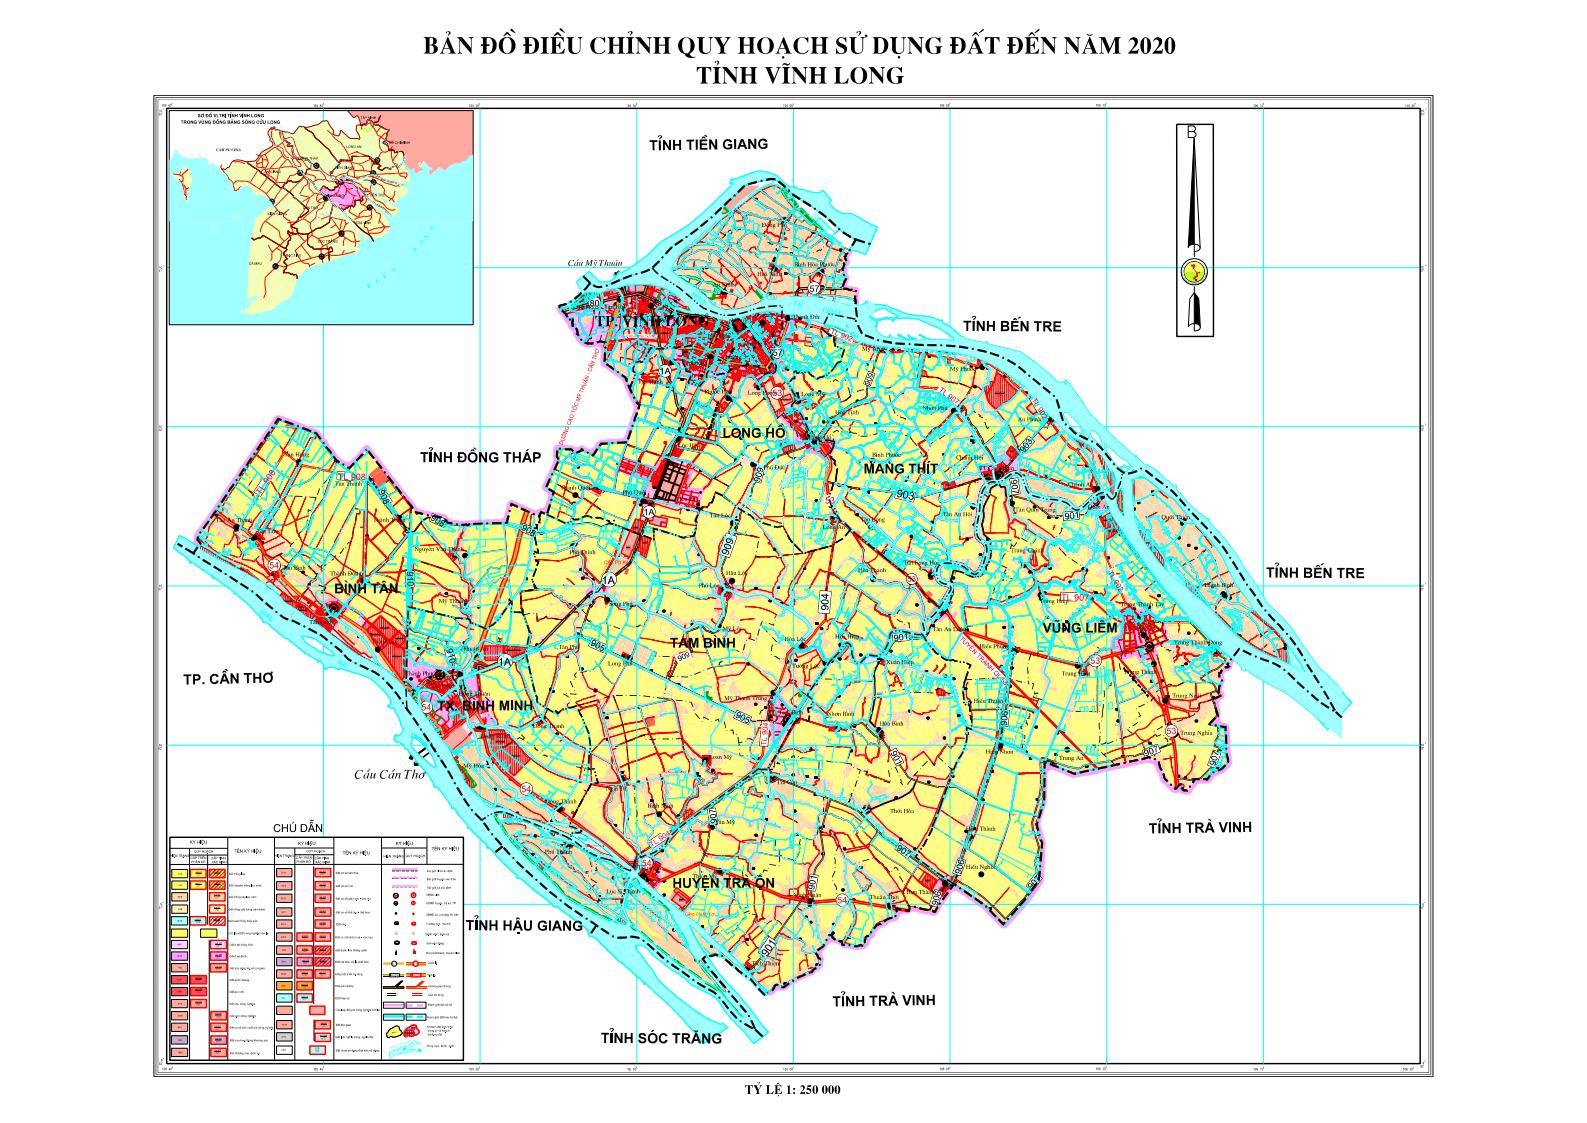 Bảng giá nhà đất Vĩnh Long từ năm 2015 đến 2020